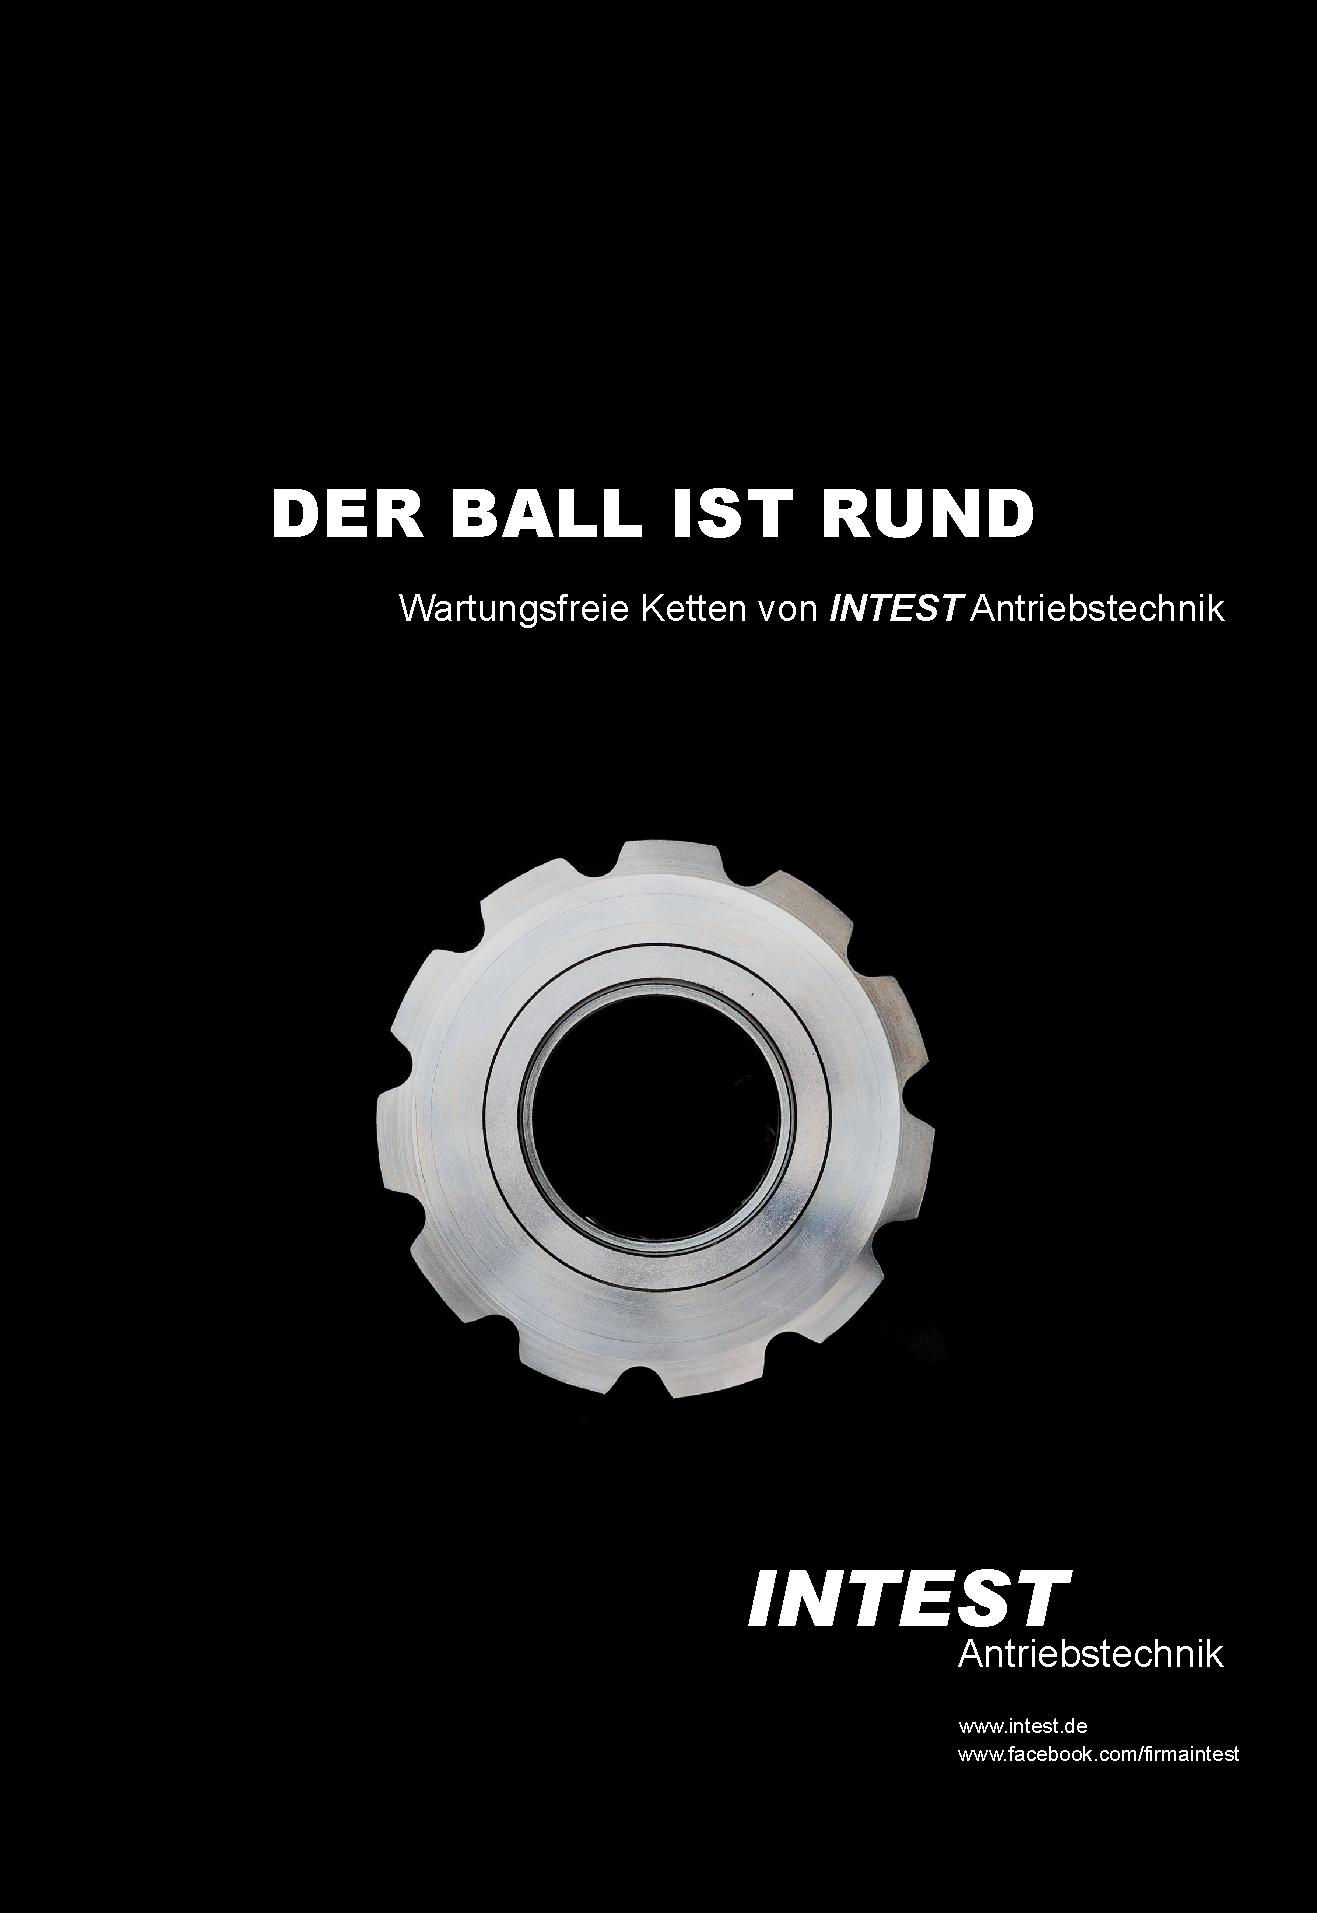 Anzeige_Ballistrund.png